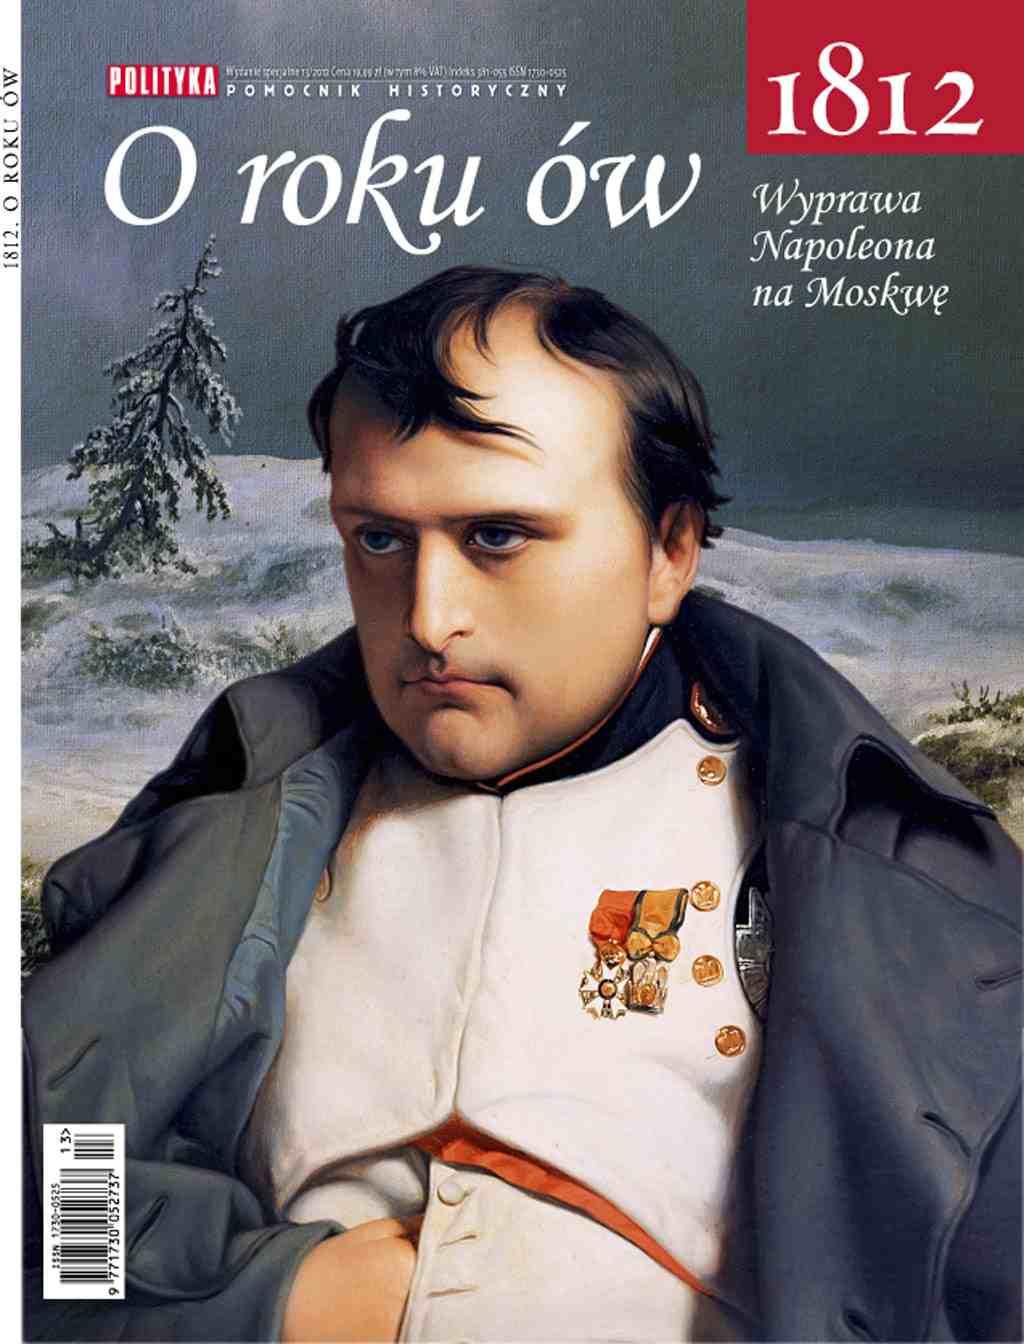 Pomocnik Historyczny: Wyprawa Napoleona na Moskwę - Ebook (Książka PDF) do pobrania w formacie PDF